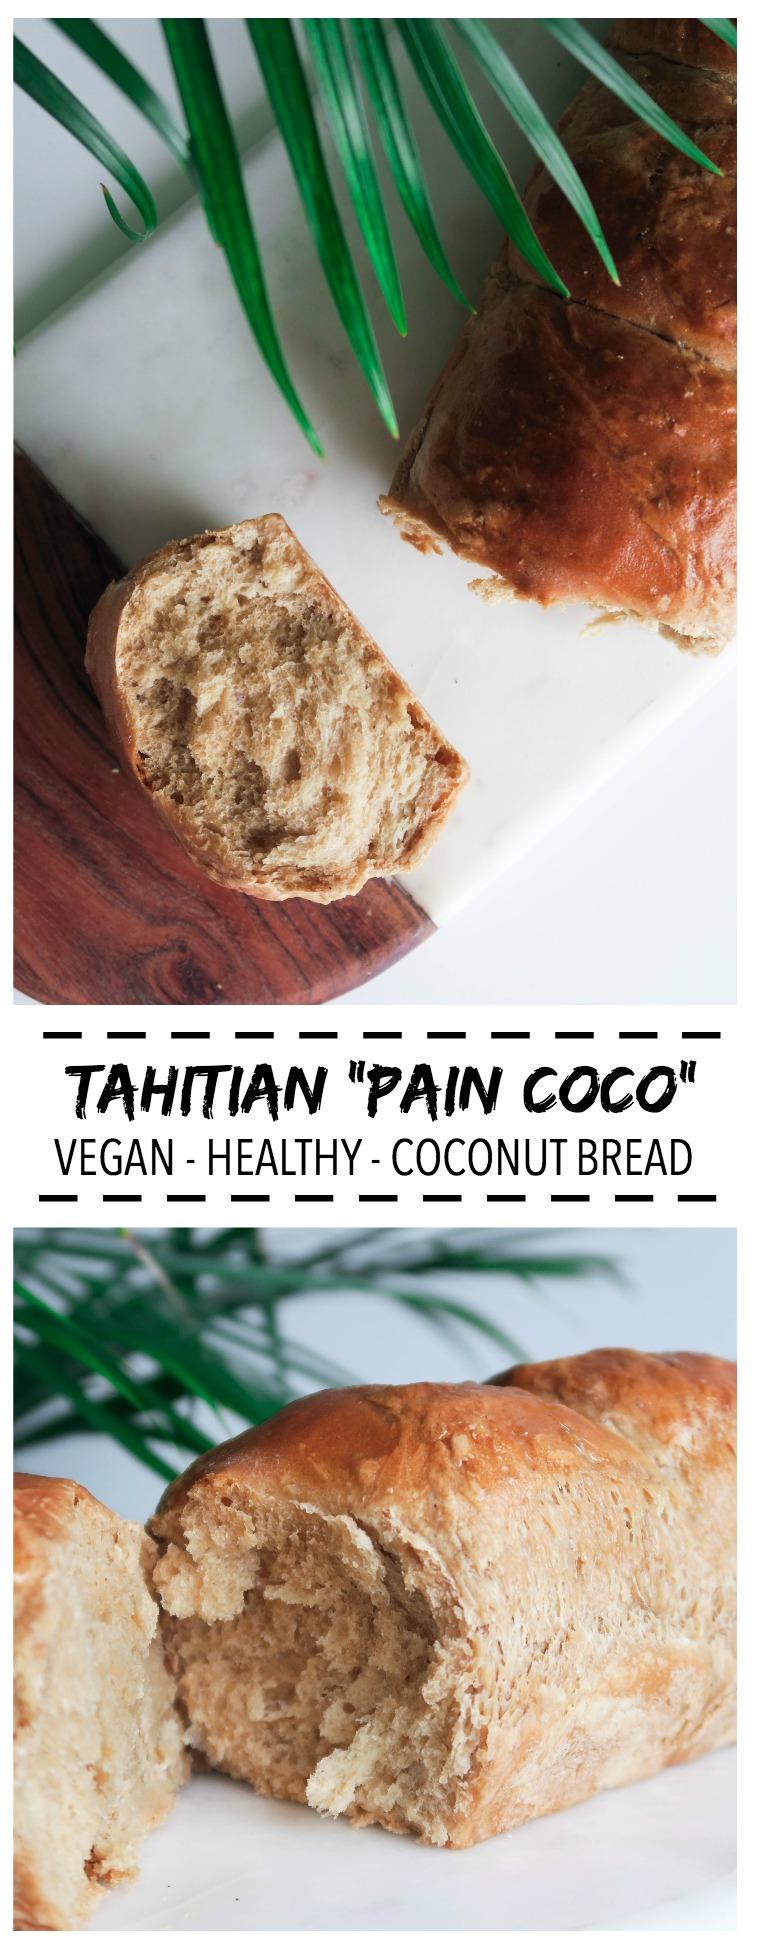 PAIN COCO DE TAHITI - VEGAN & HEALTHY - visit AMELIETAHITI